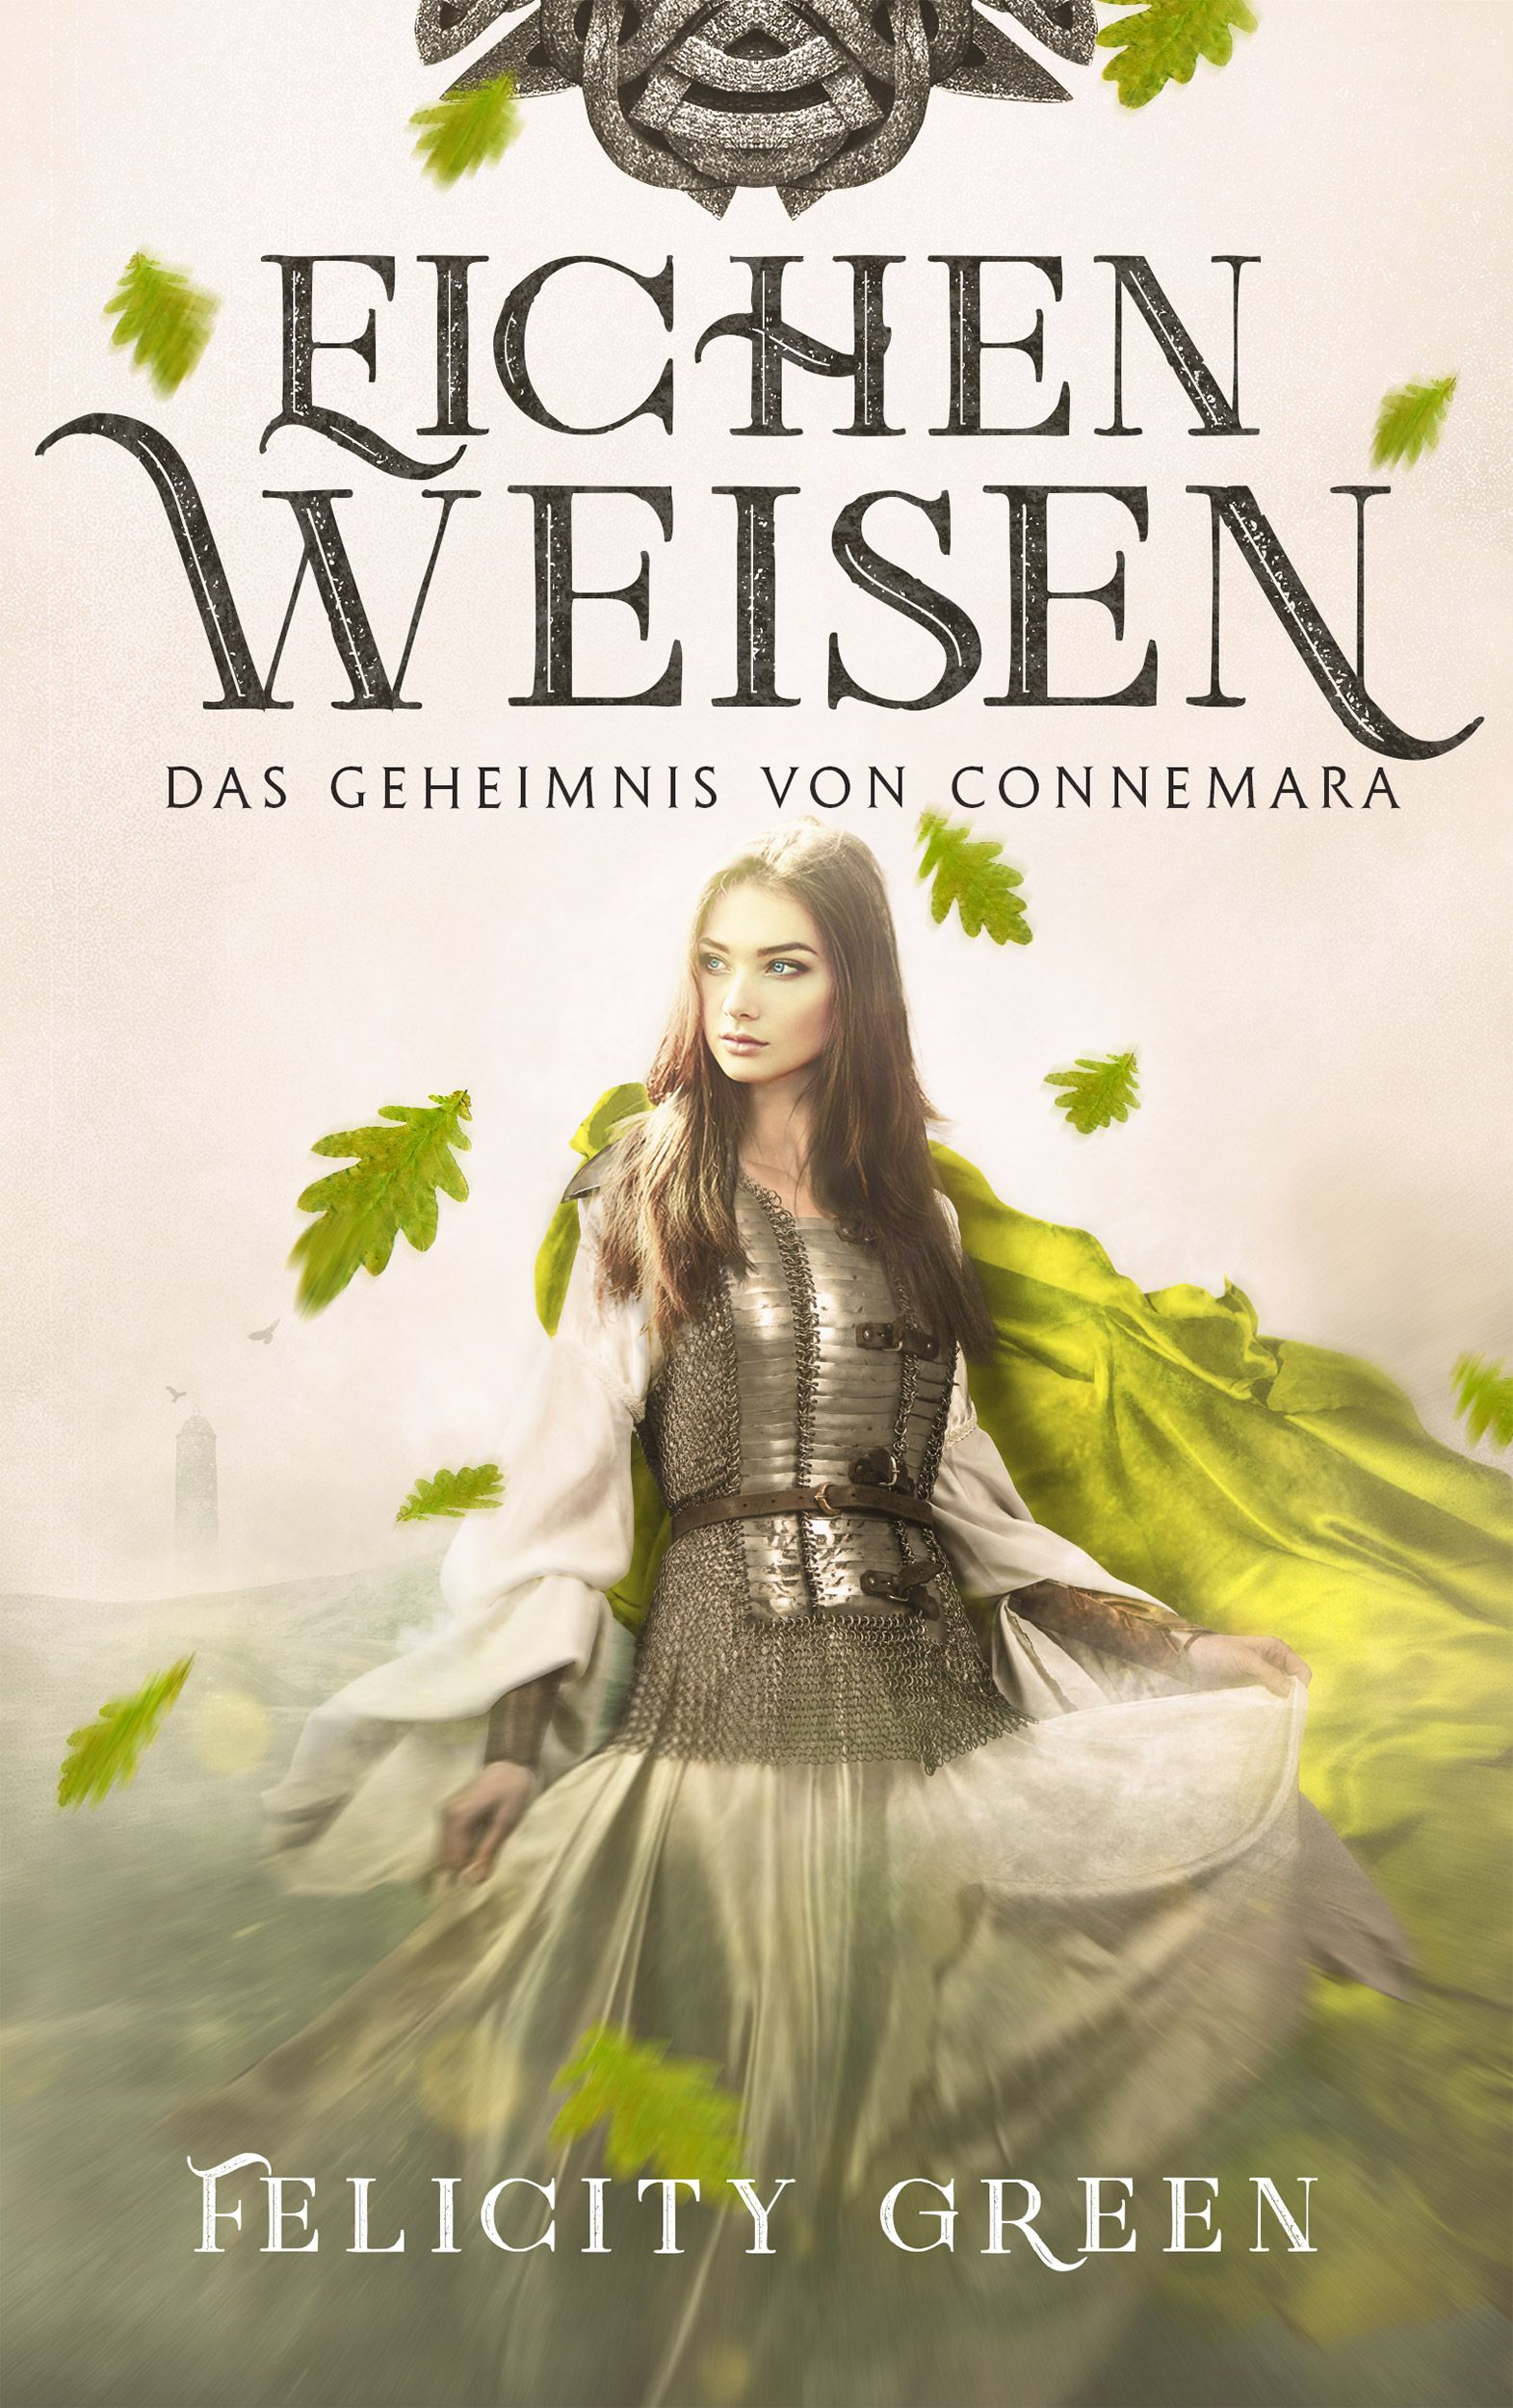 EICHENWEISEN, Band 1 der Romantic-Fantasy-Serie DAS